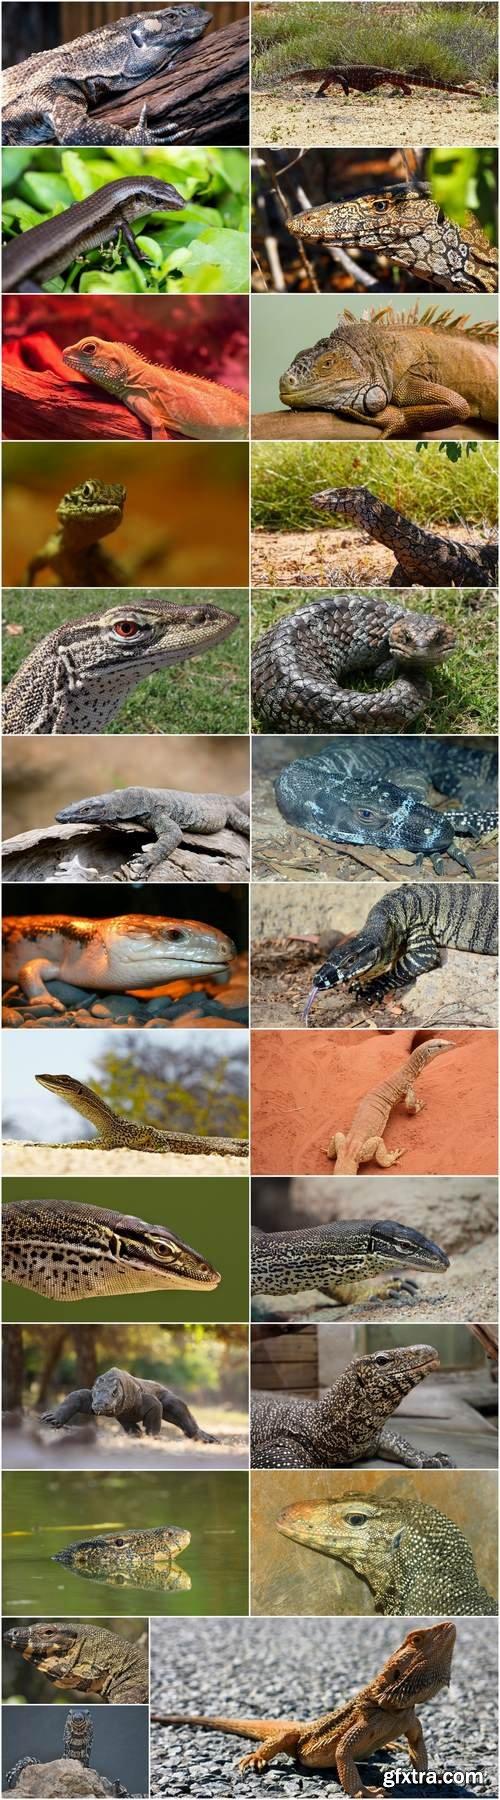 Iguana lizard dragon 25 HQ Jpeg